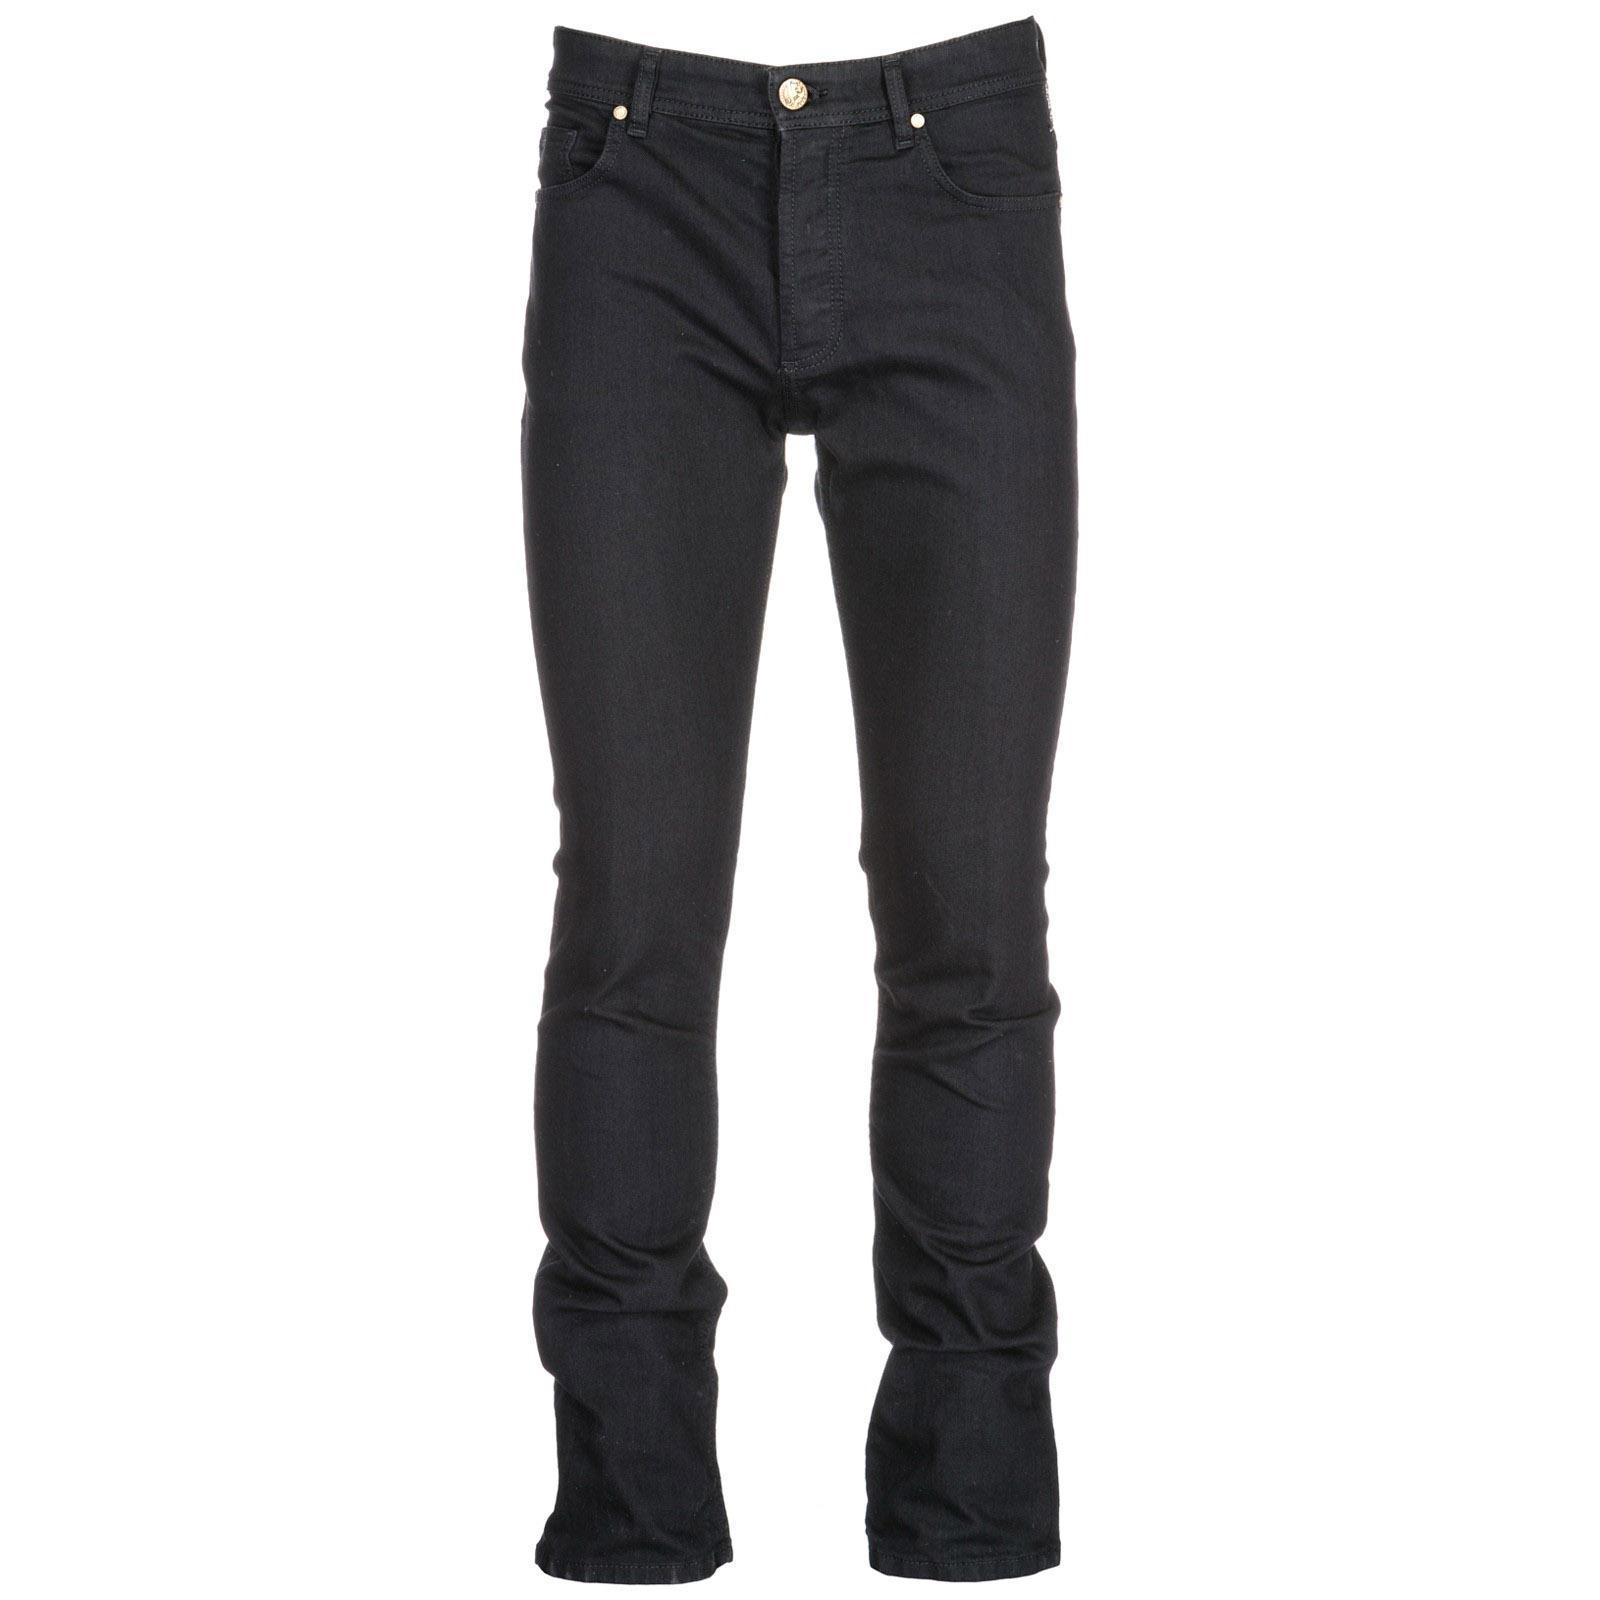 Versace Jeans HERREN JEANS DENIM SLIM